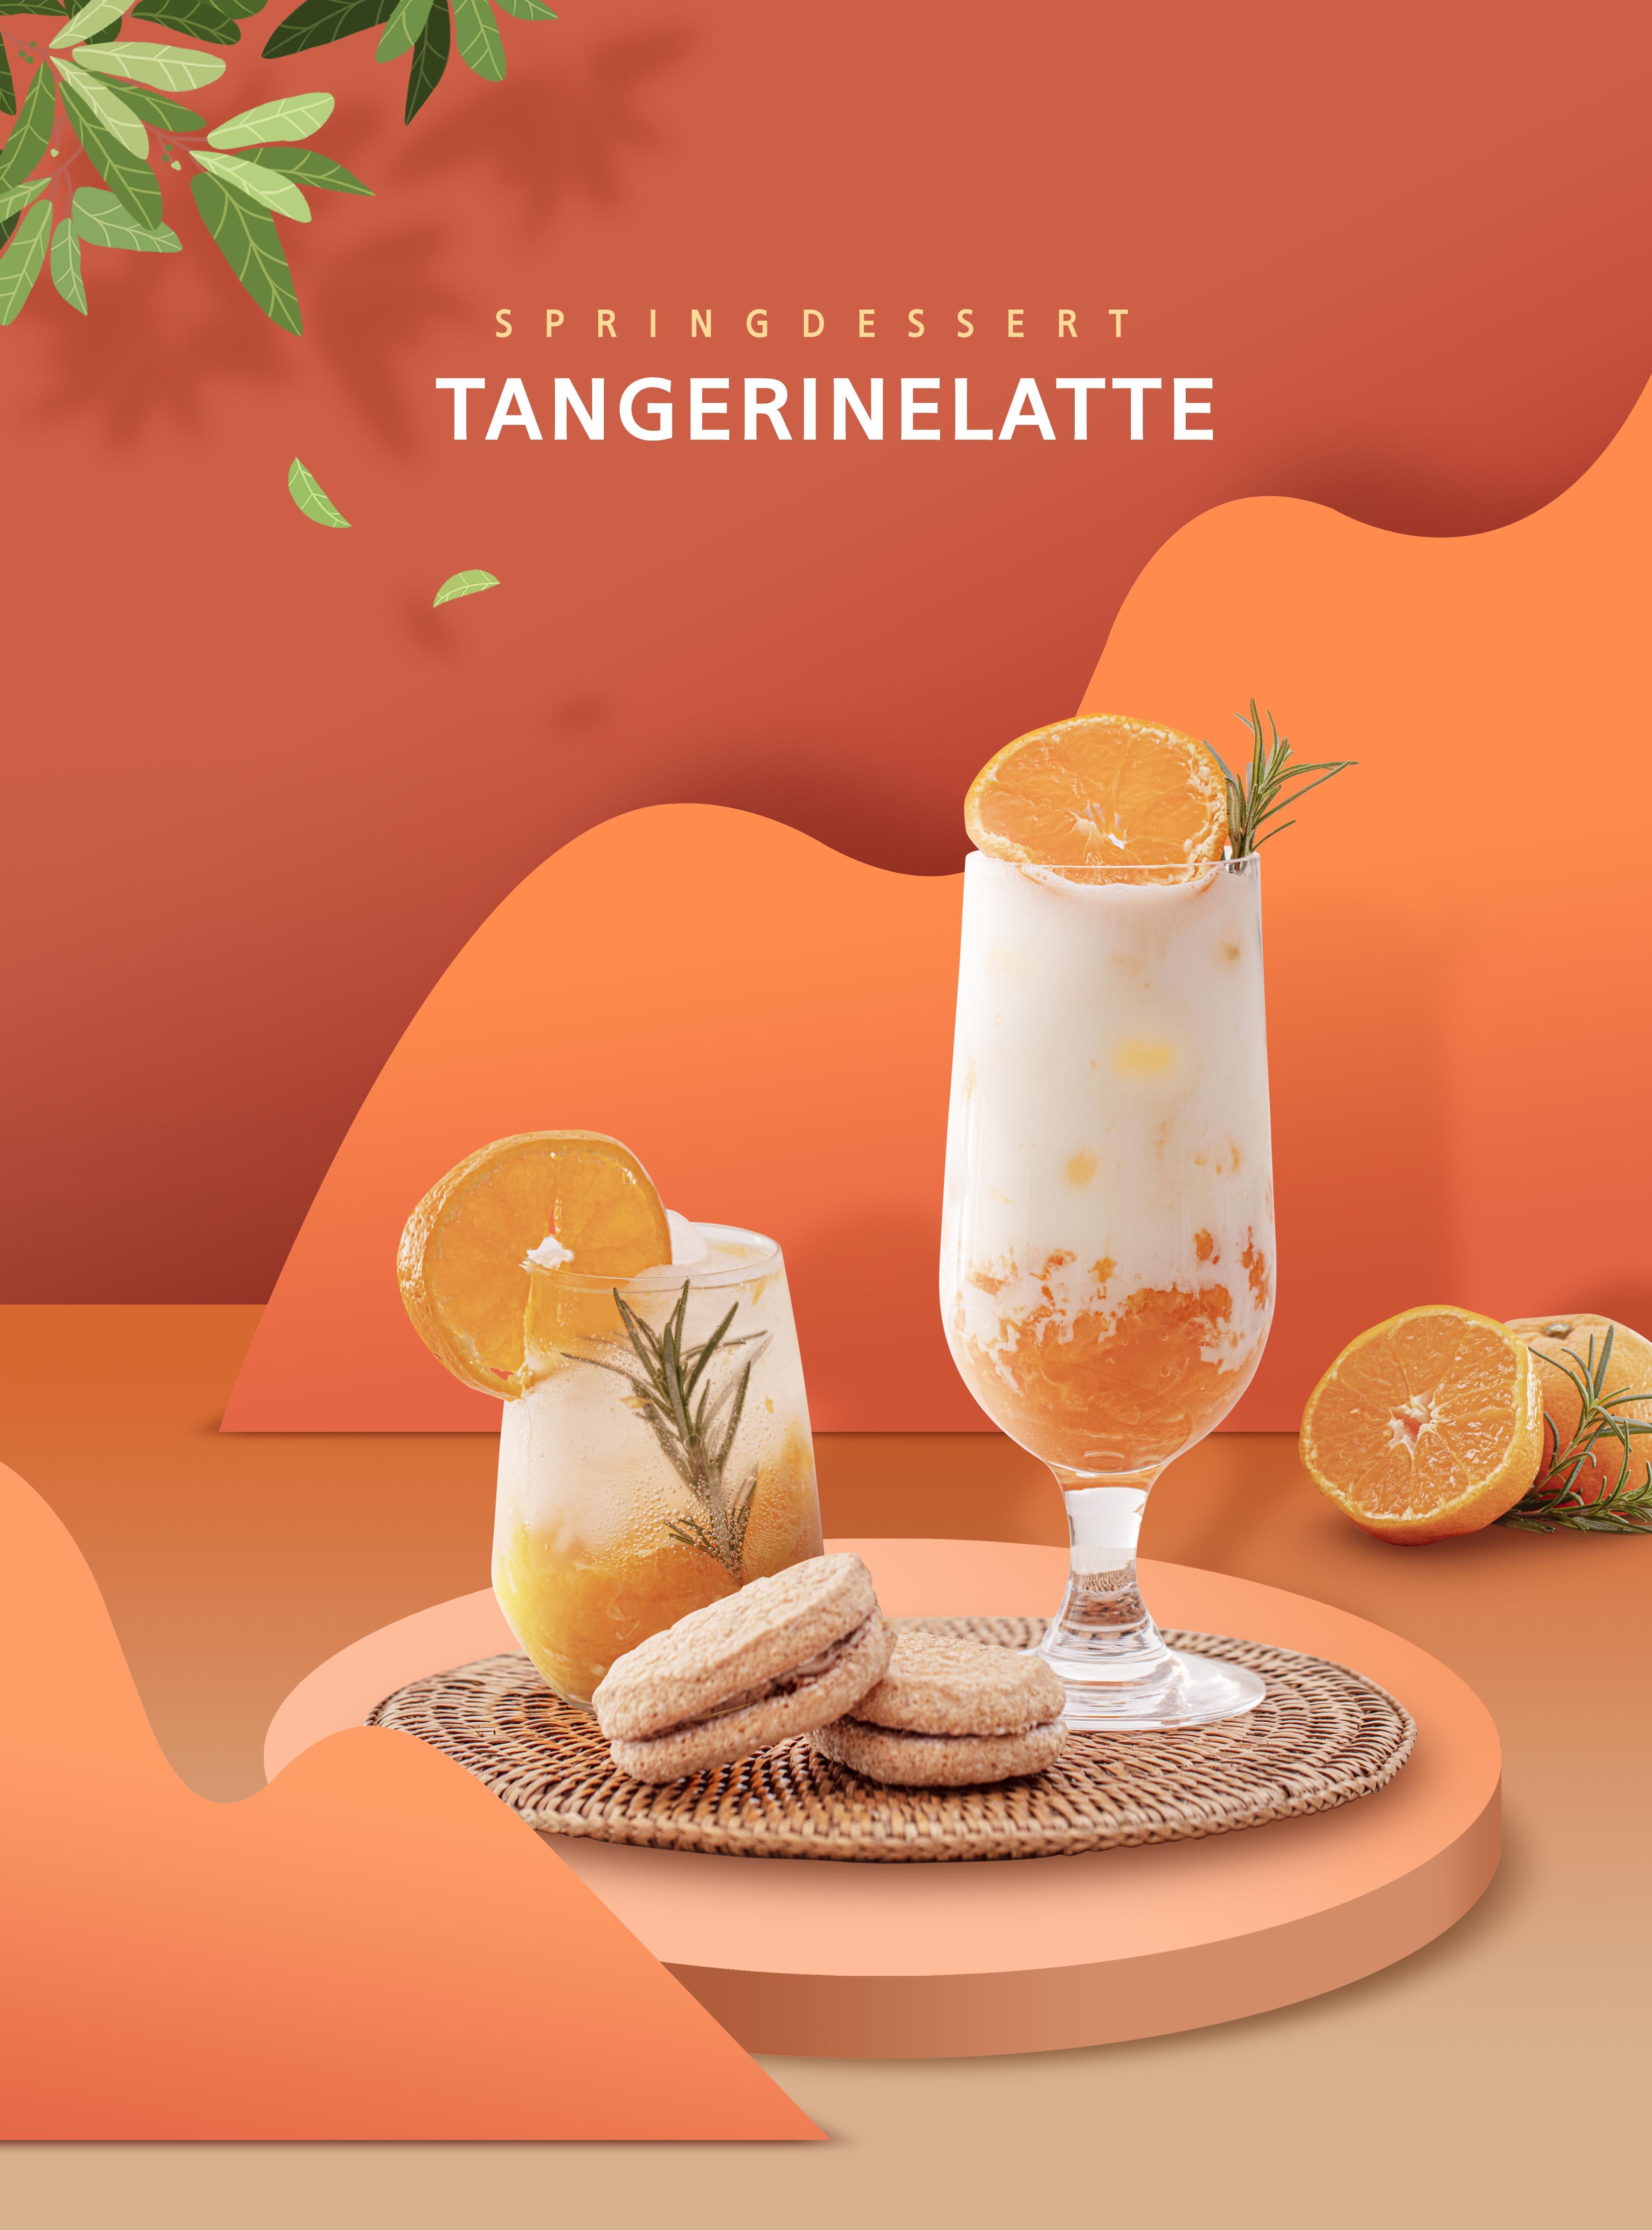 10款奶茶甜品美食蛋糕下午茶传单海报设计PSD素材 Food Poster PSD Template插图4